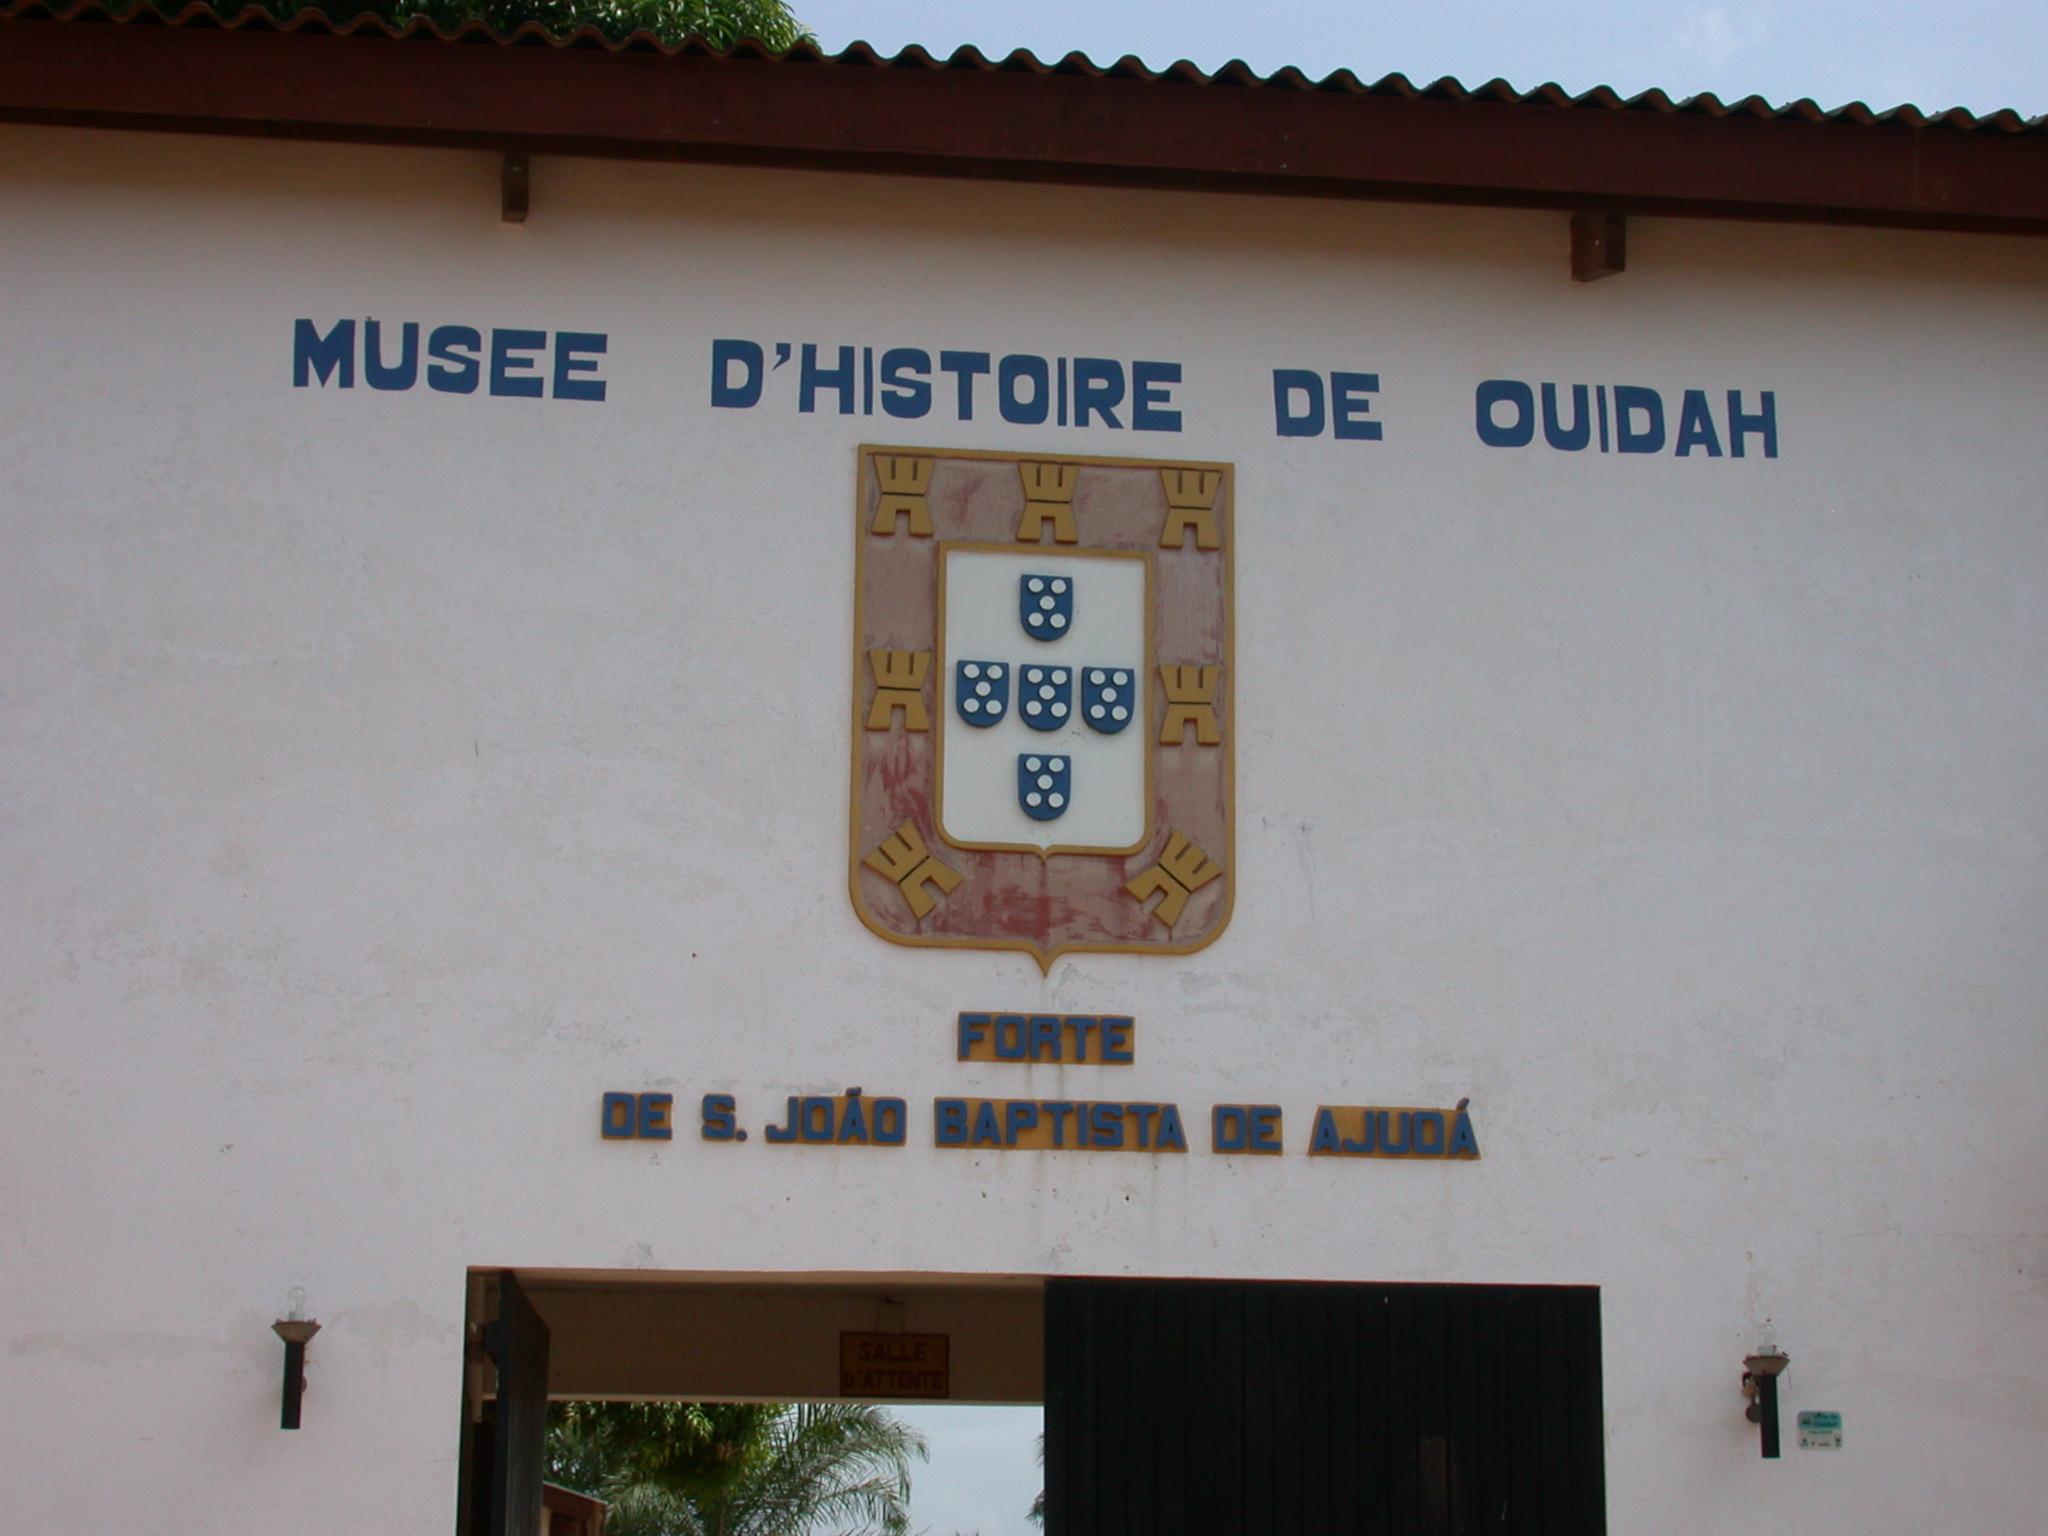 Entrance Sign for Ouidah History Museum, Musée d Histoire de Ouidah